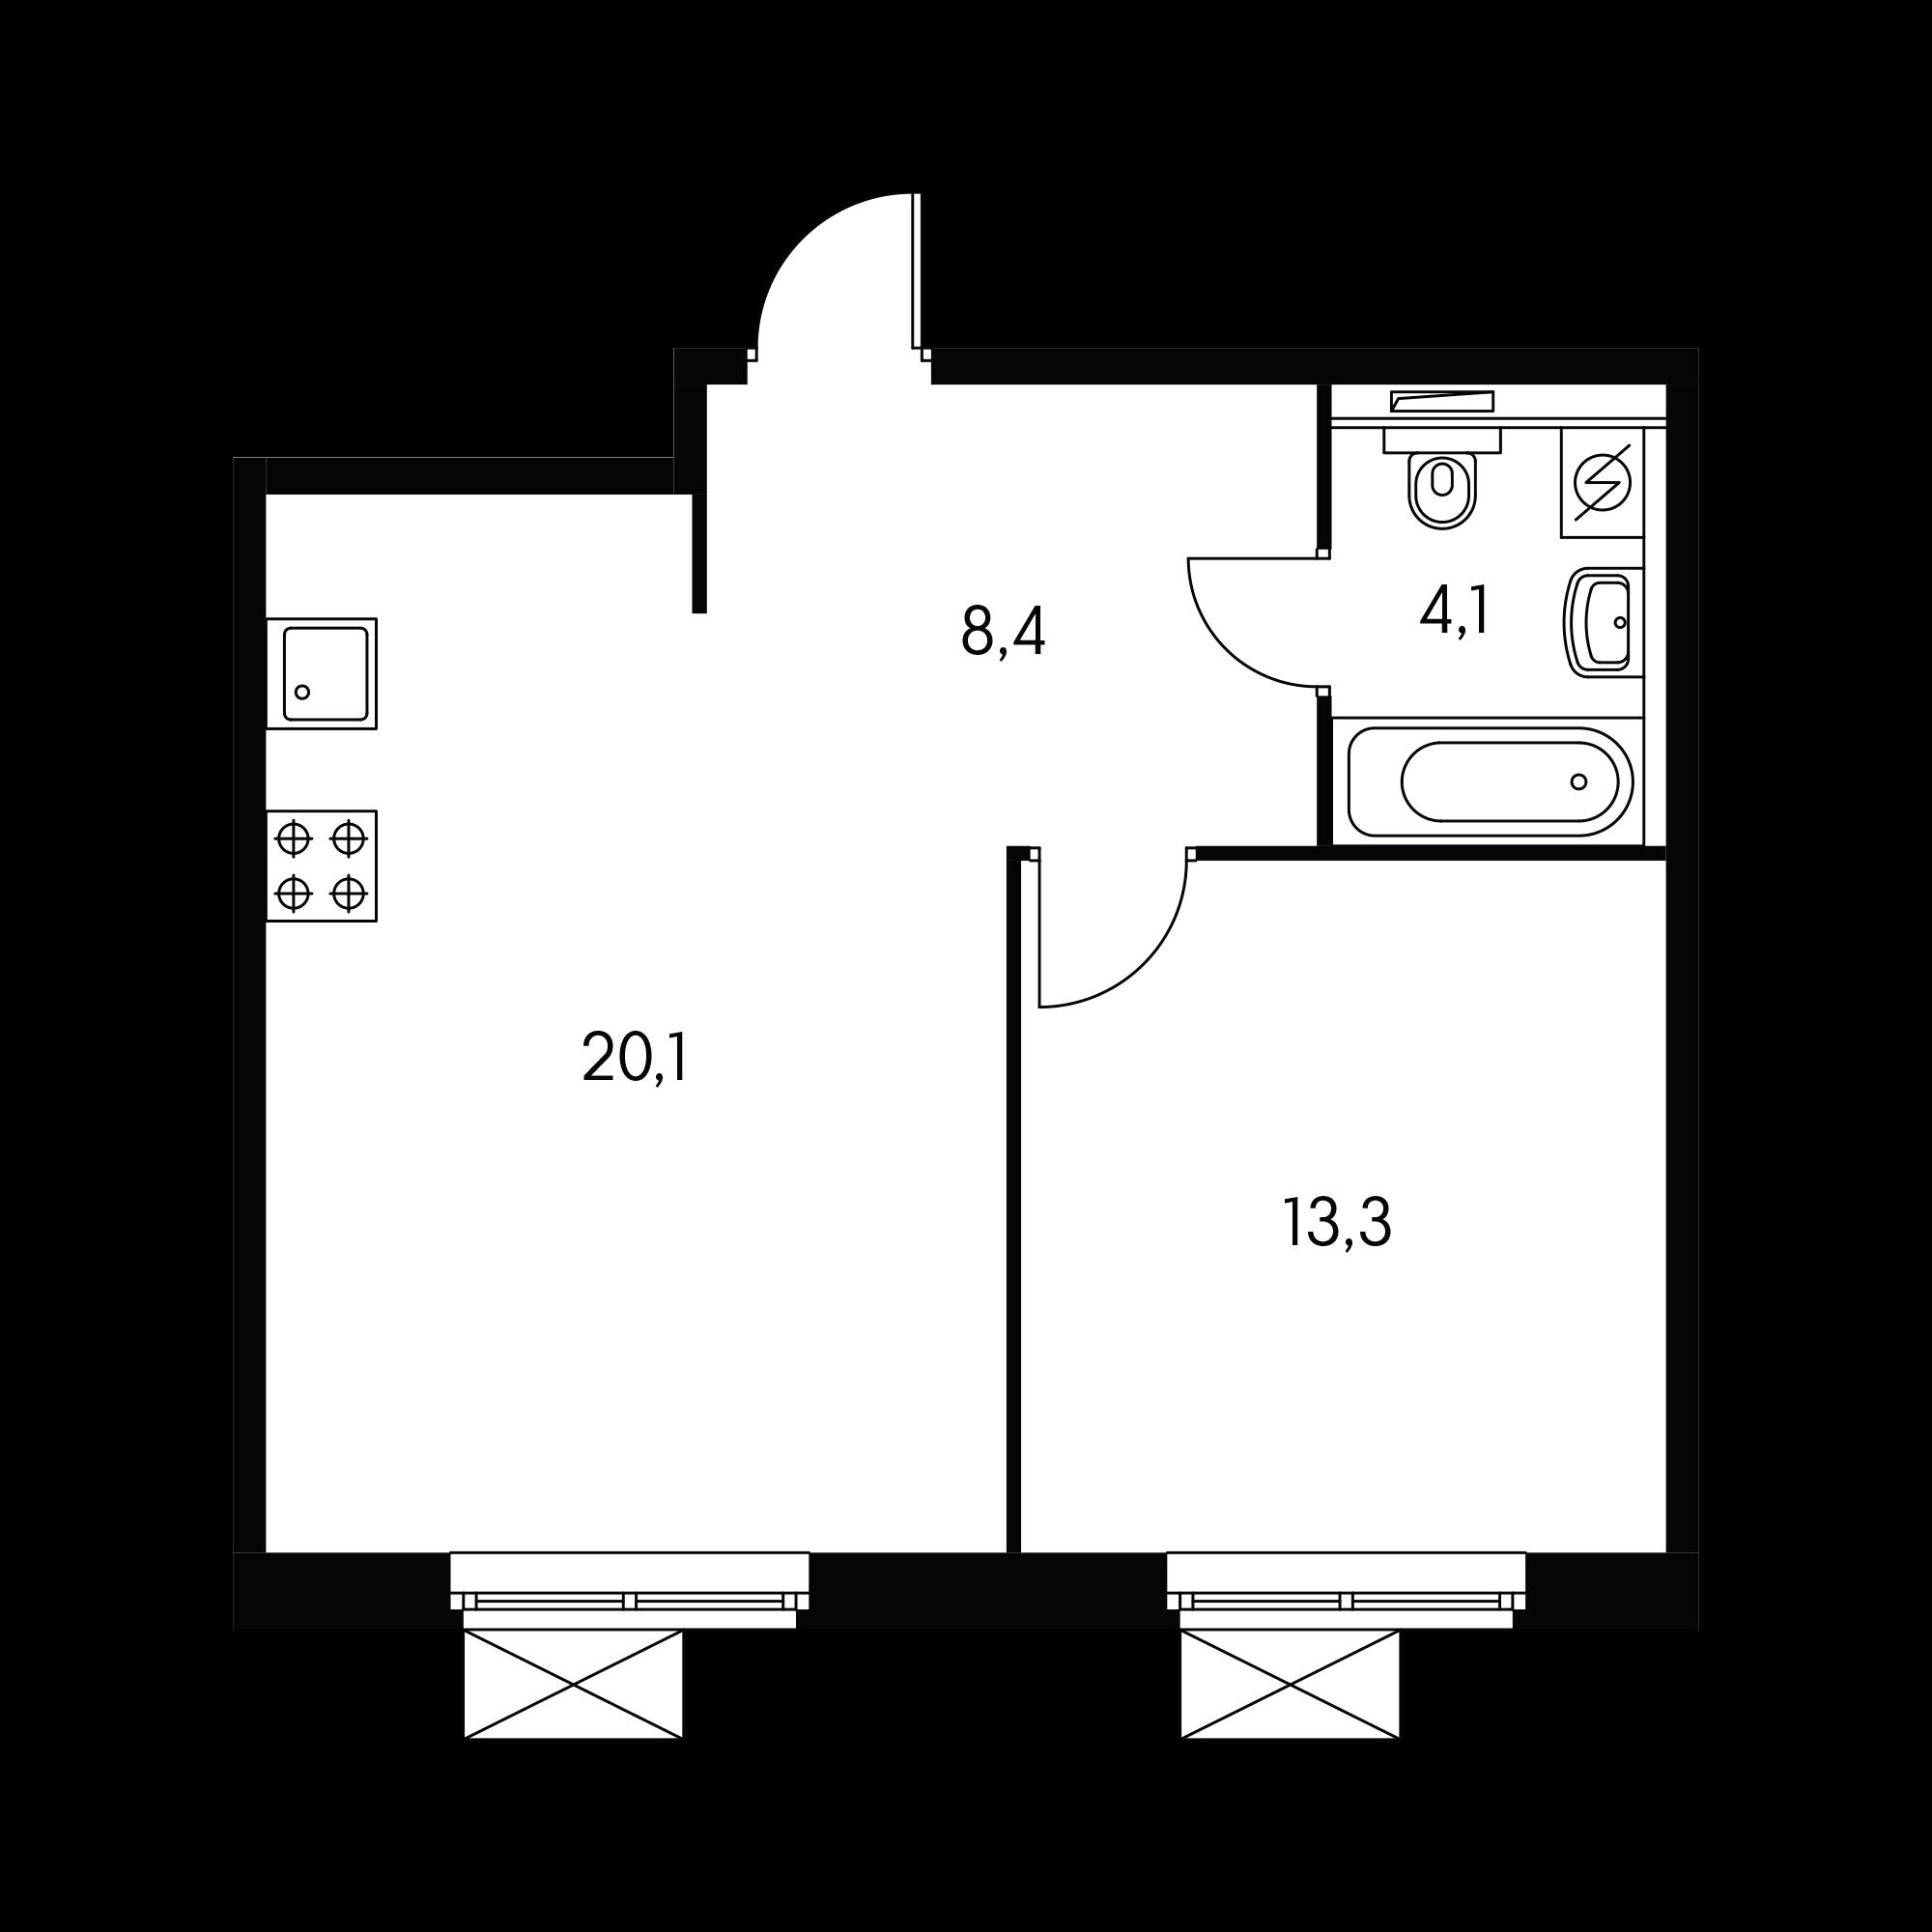 1EL4_7.8-1_S_Z